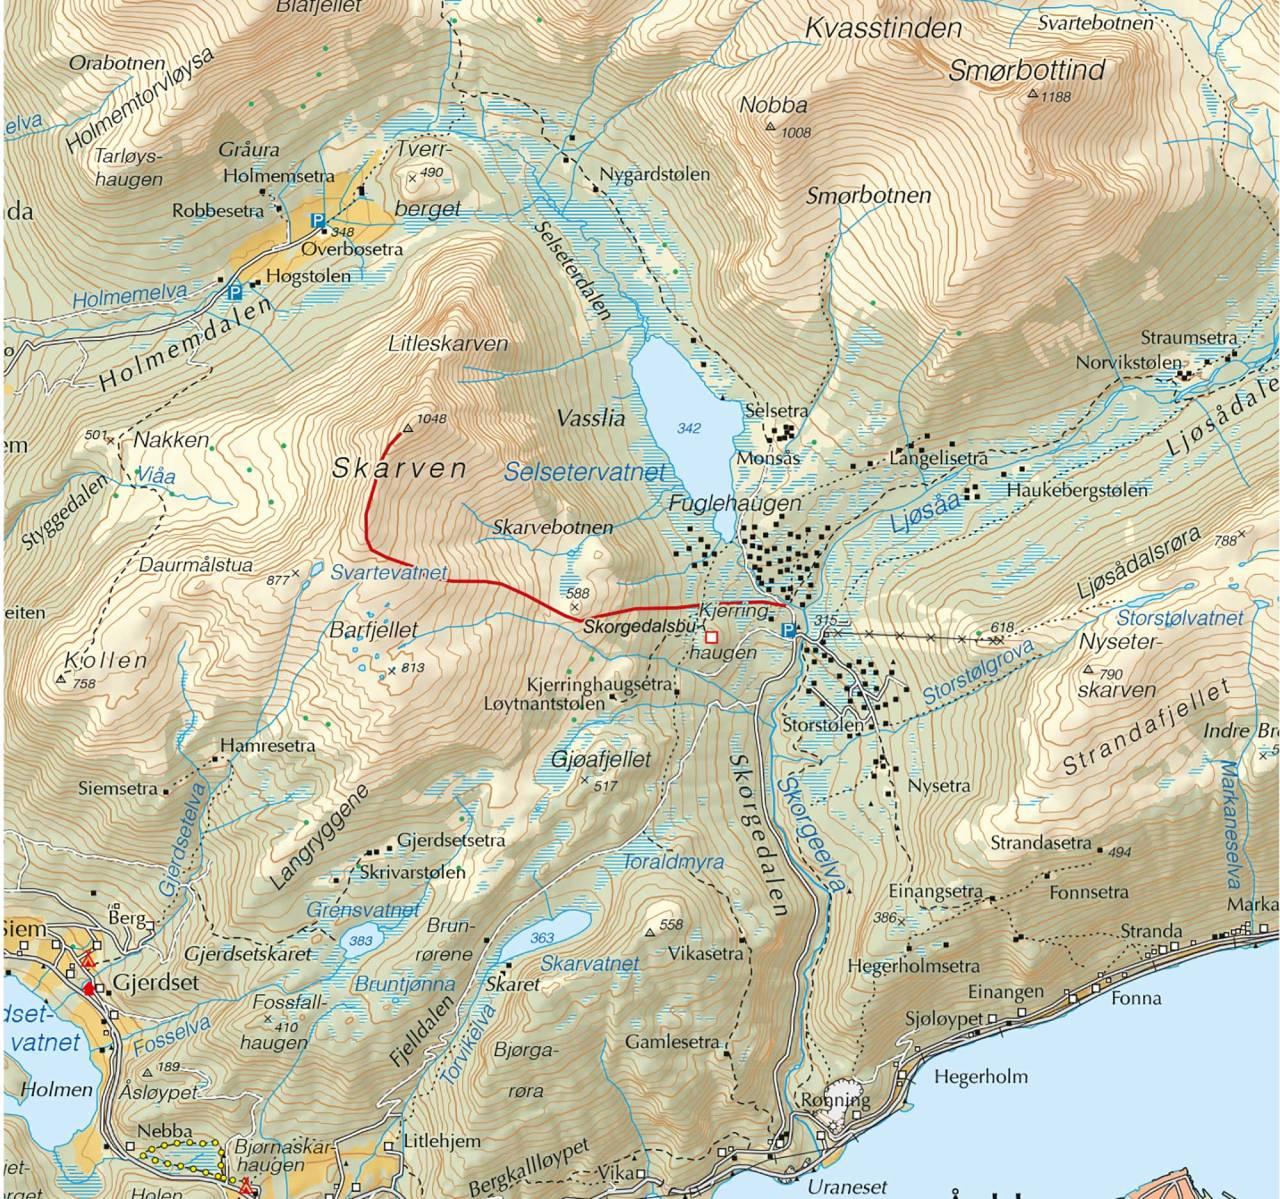 Kart over Skarven i Romsdalen